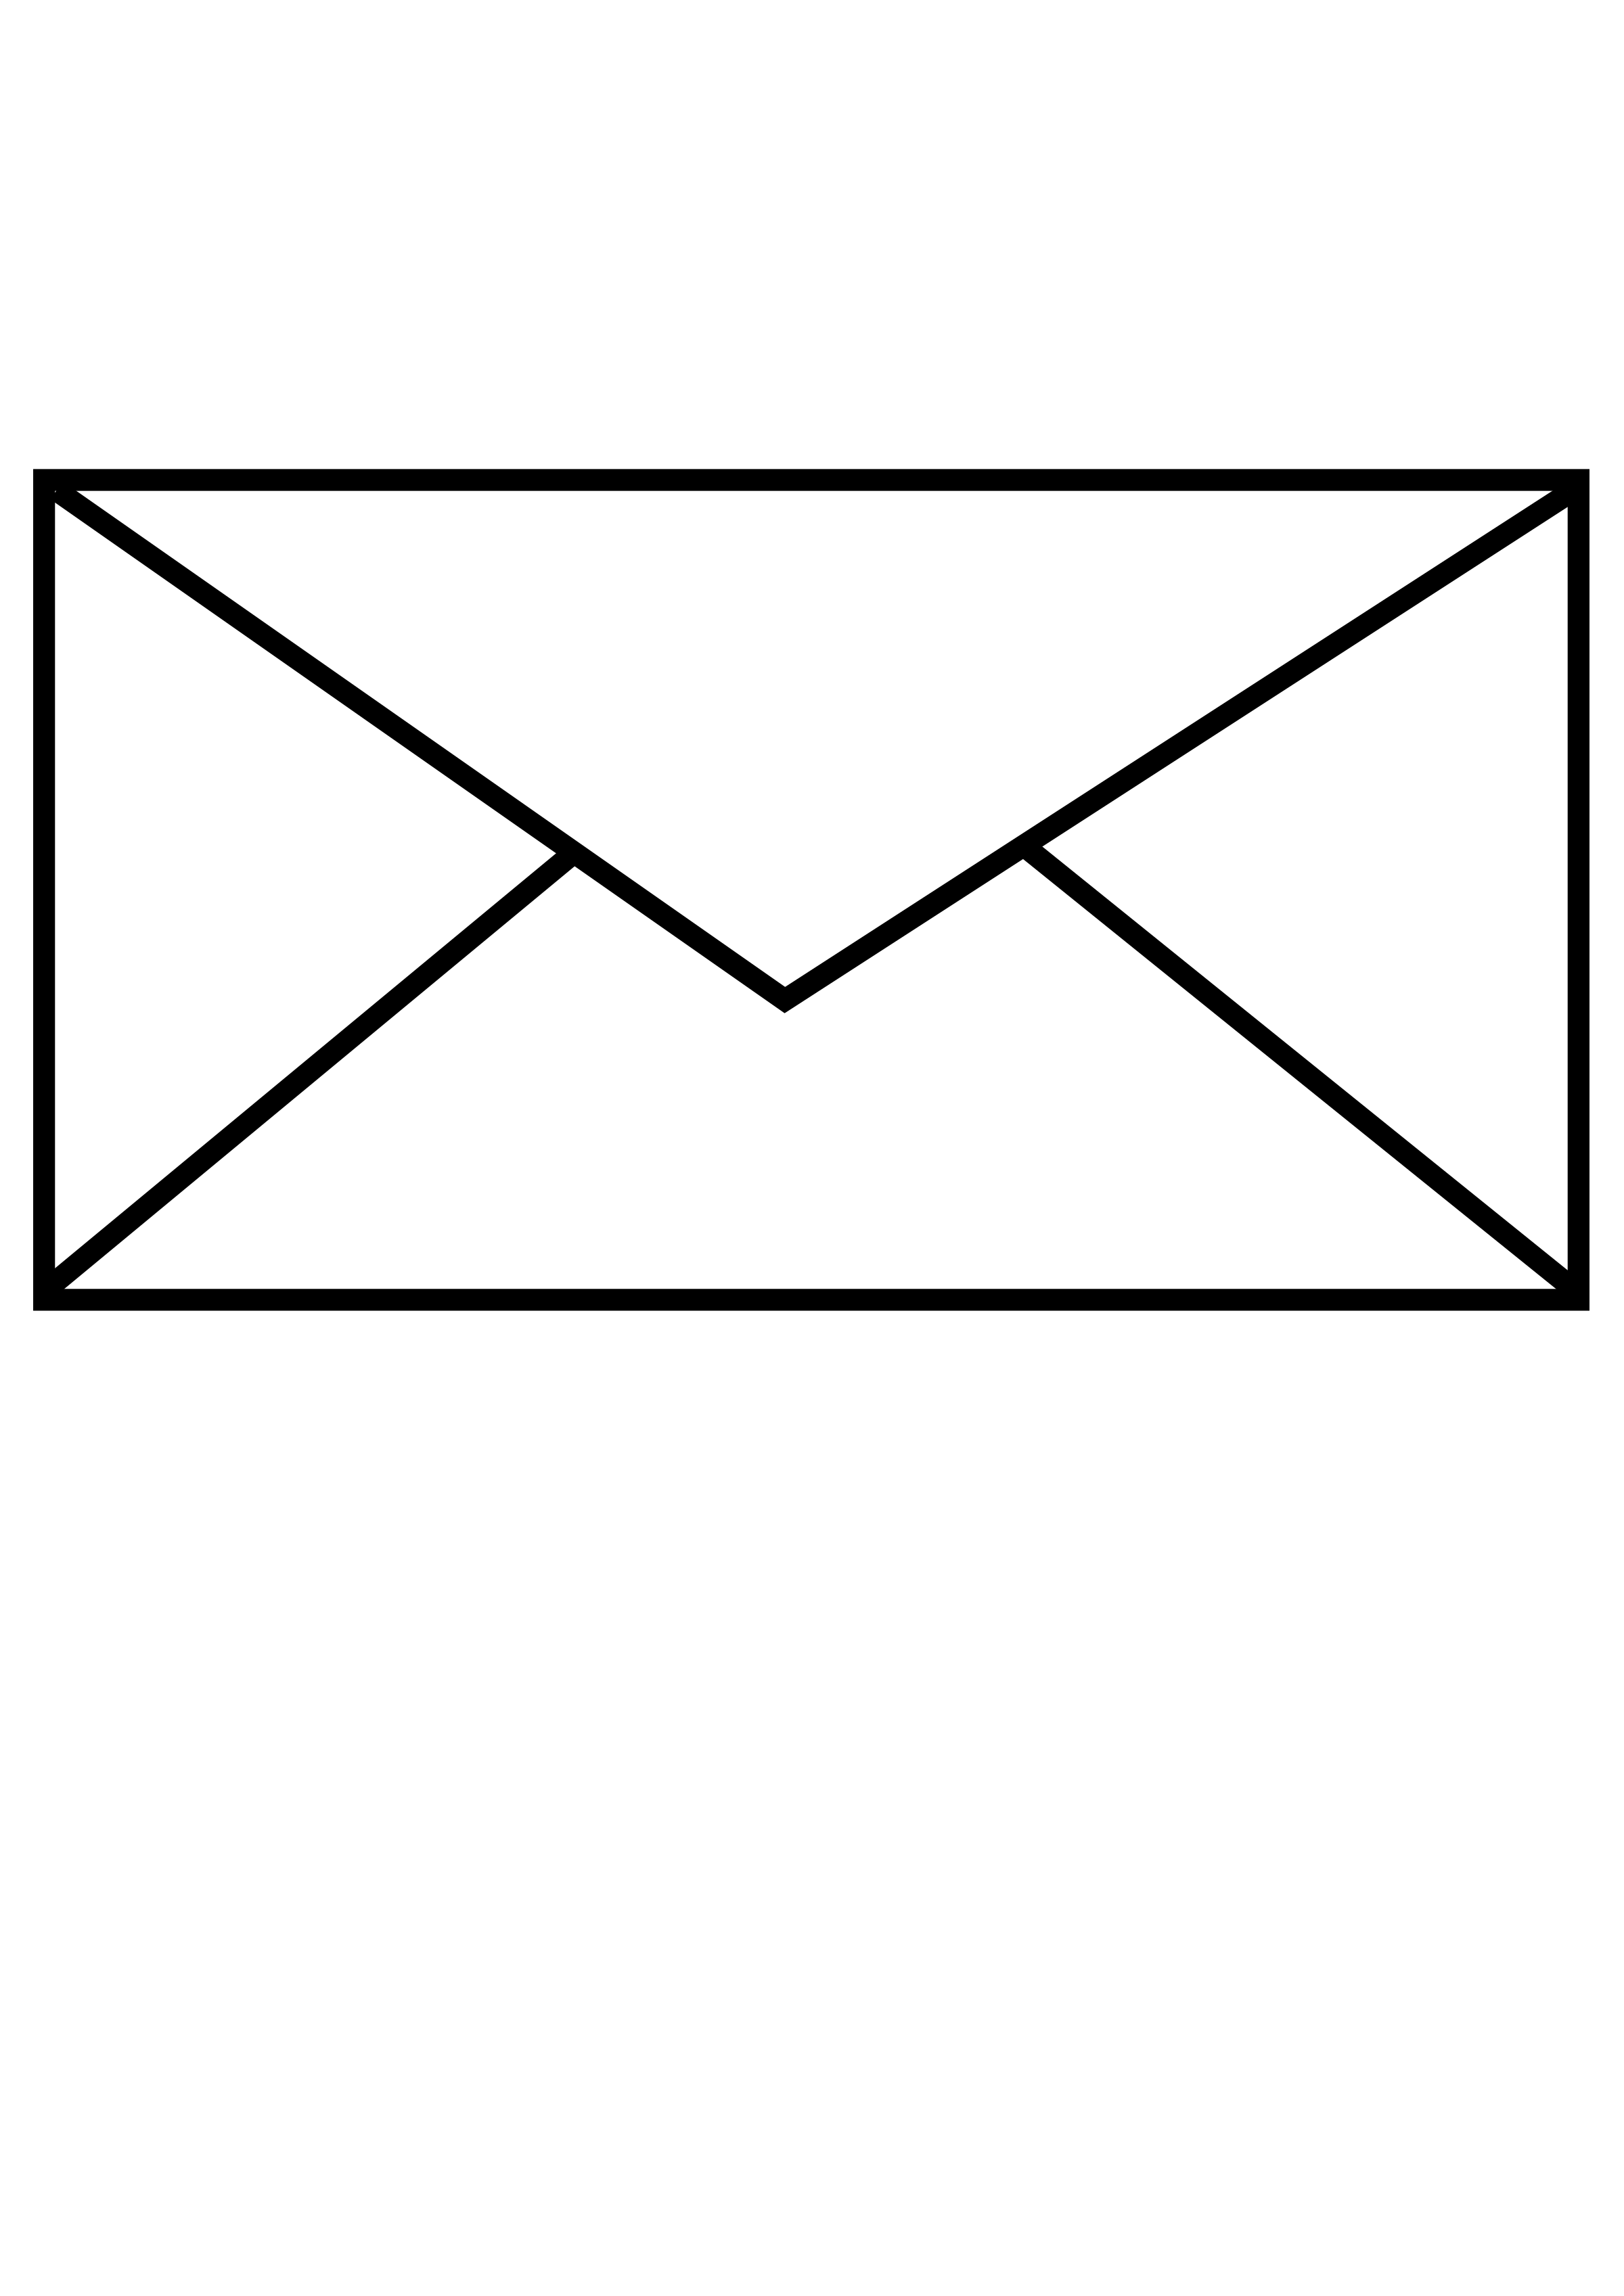 Big image png. Envelope clipart envelope design